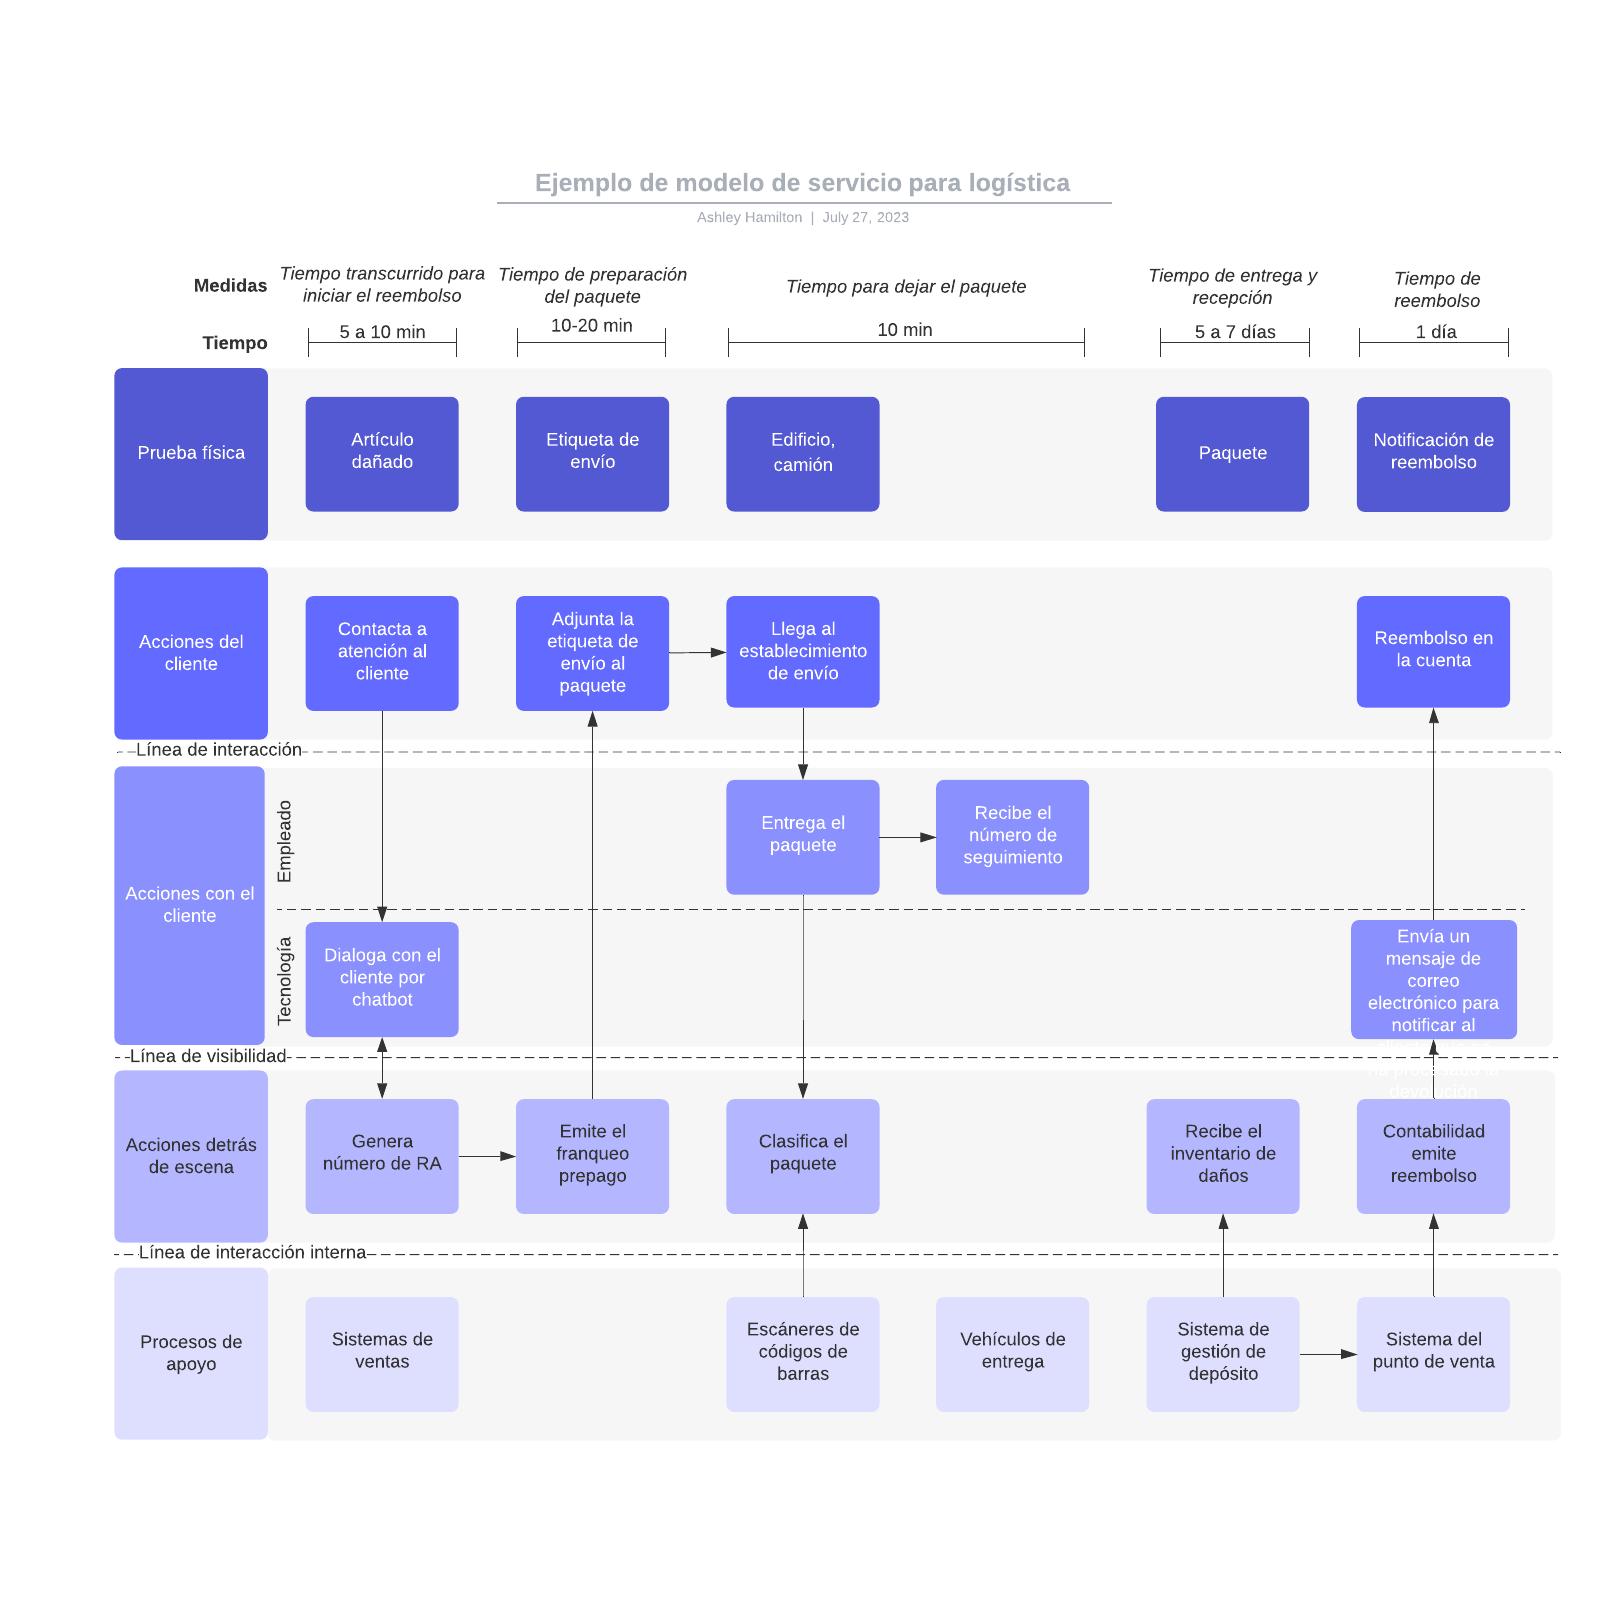 Ejemplo de modelo de servicio para logística